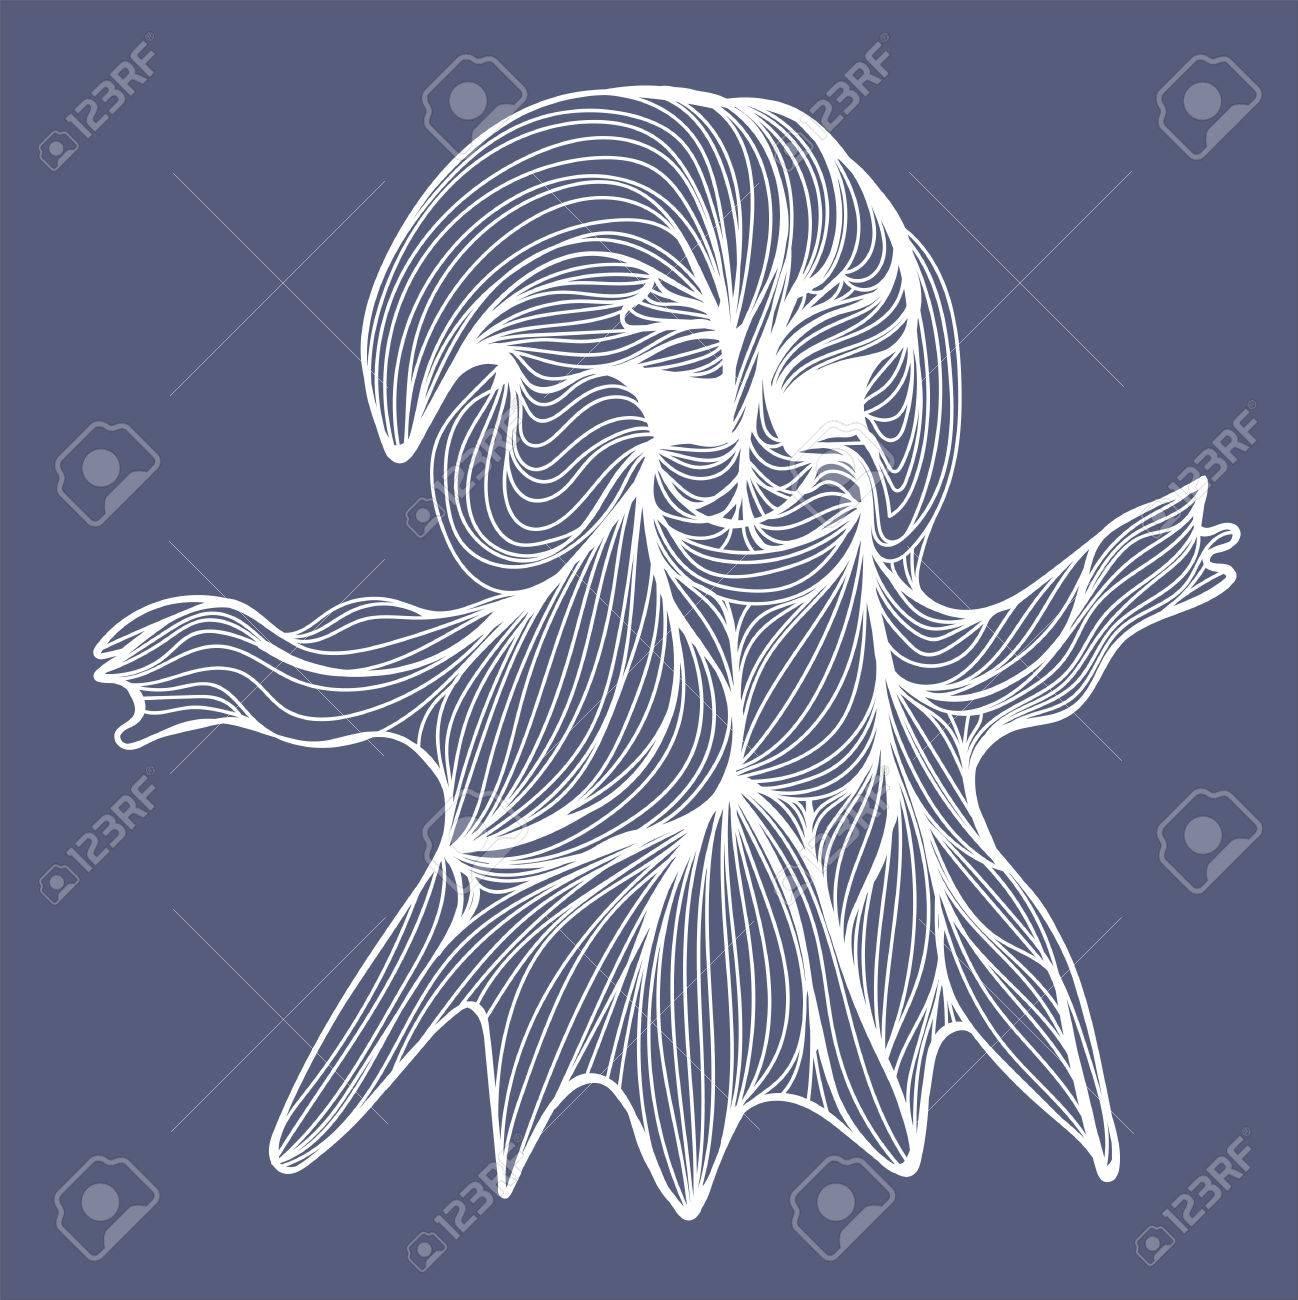 Halloween Afkomst.Vector Illustratie Van Een Afkomstig Uit Vele Witte Lijnen Halloween Symbool Van Het Spook Op Een Grijze Achtergrond